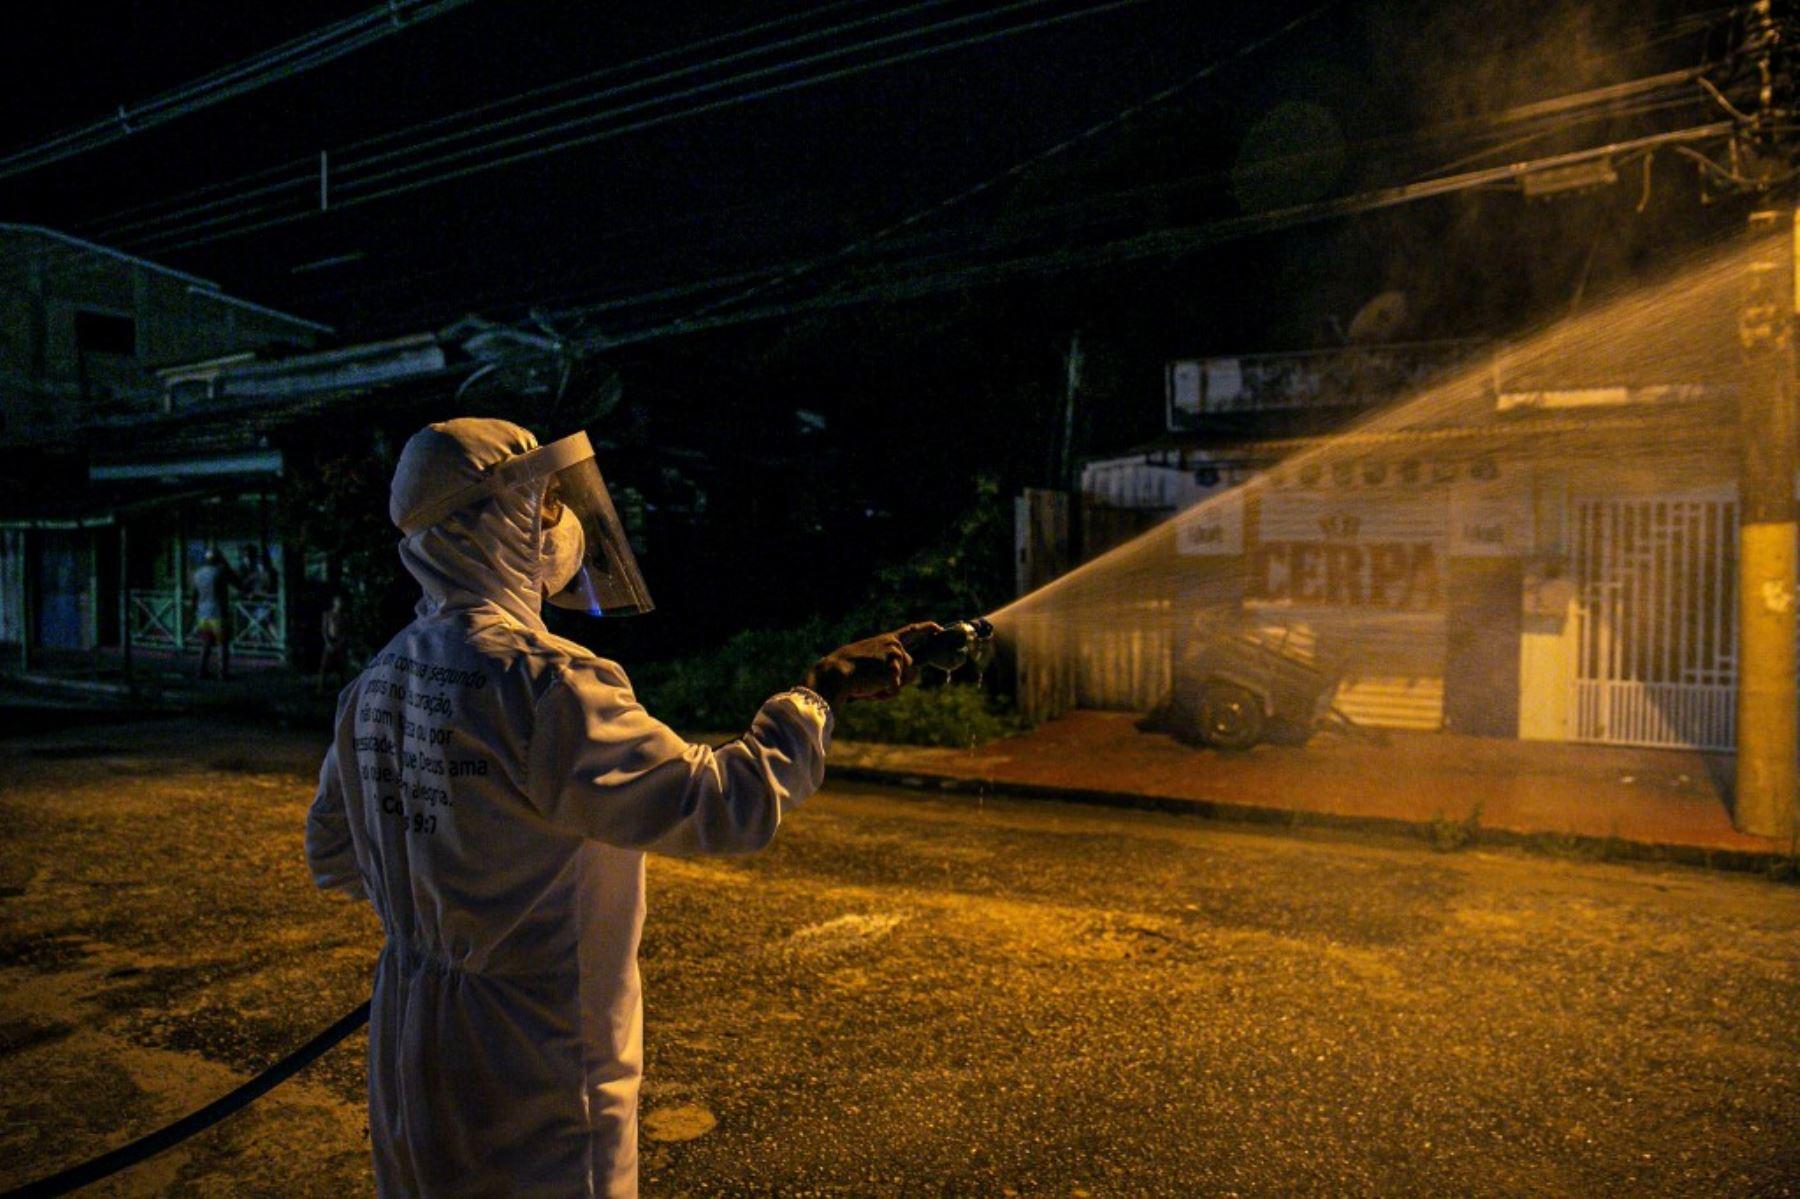 Un trabajador municipal desinfecta una calle como medida contra la pandemia de coronavirus COVID-19 en el suroeste de la isla de Marajo, en el estado de Pará, Brasil. Foto: AFP